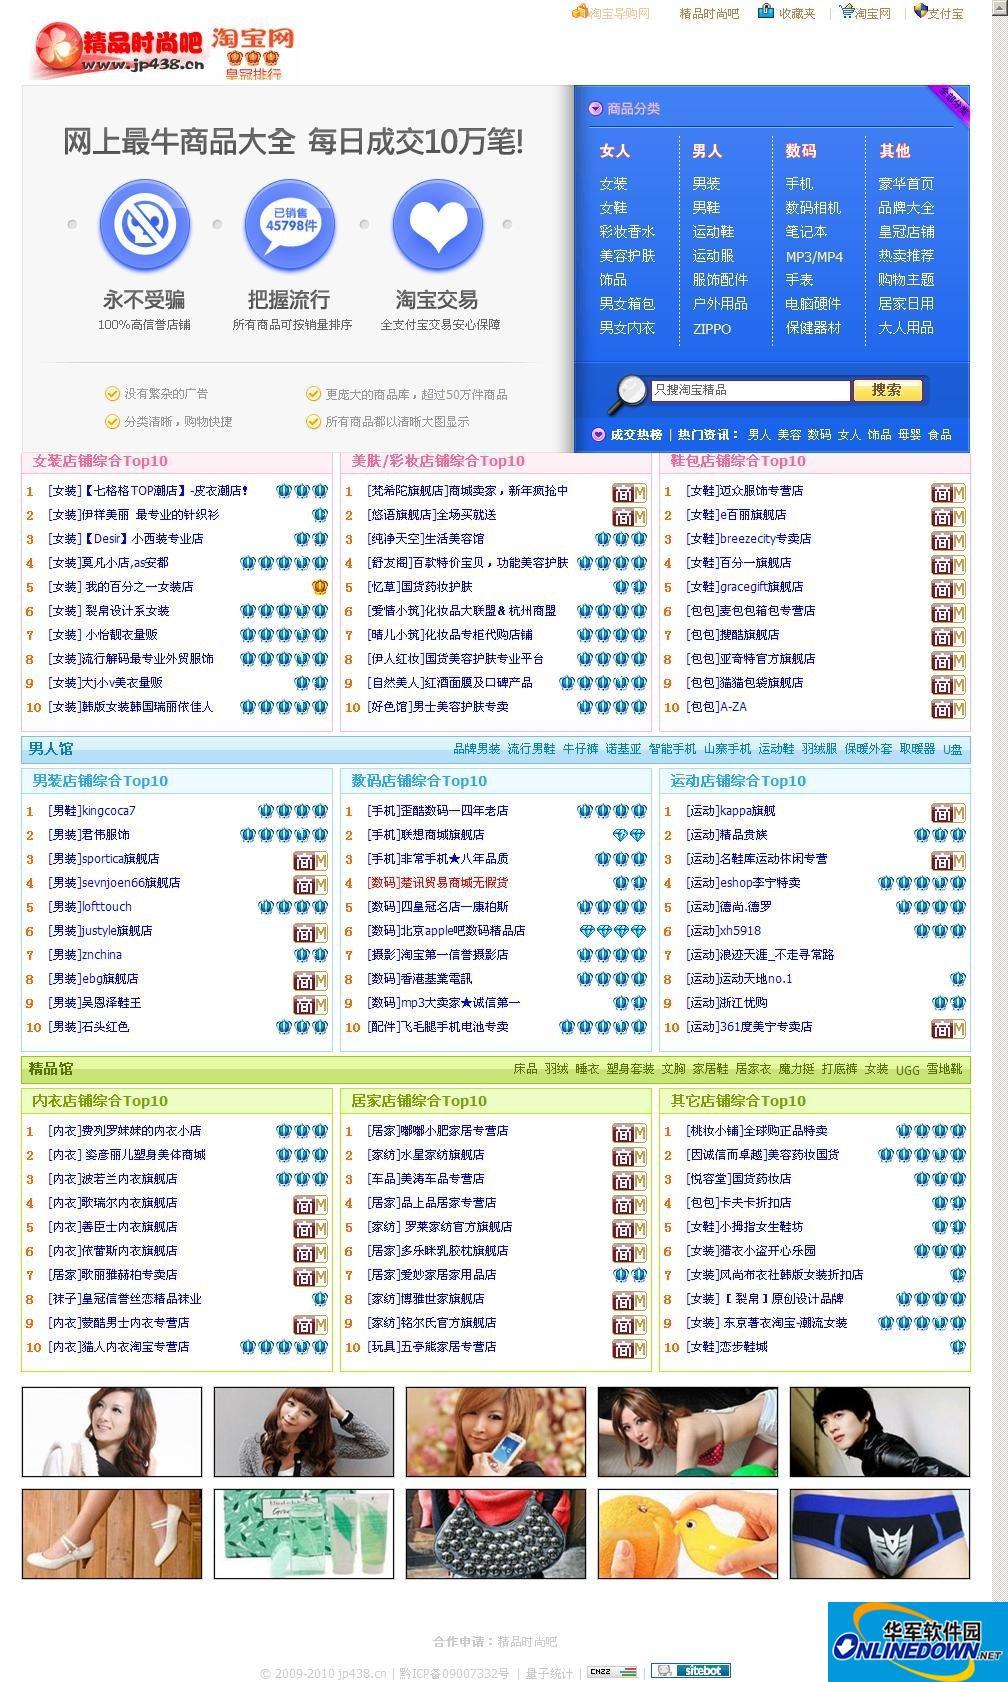 2010精品时尚吧最新淘宝客程序(精品时尚吧淘宝客免费版)